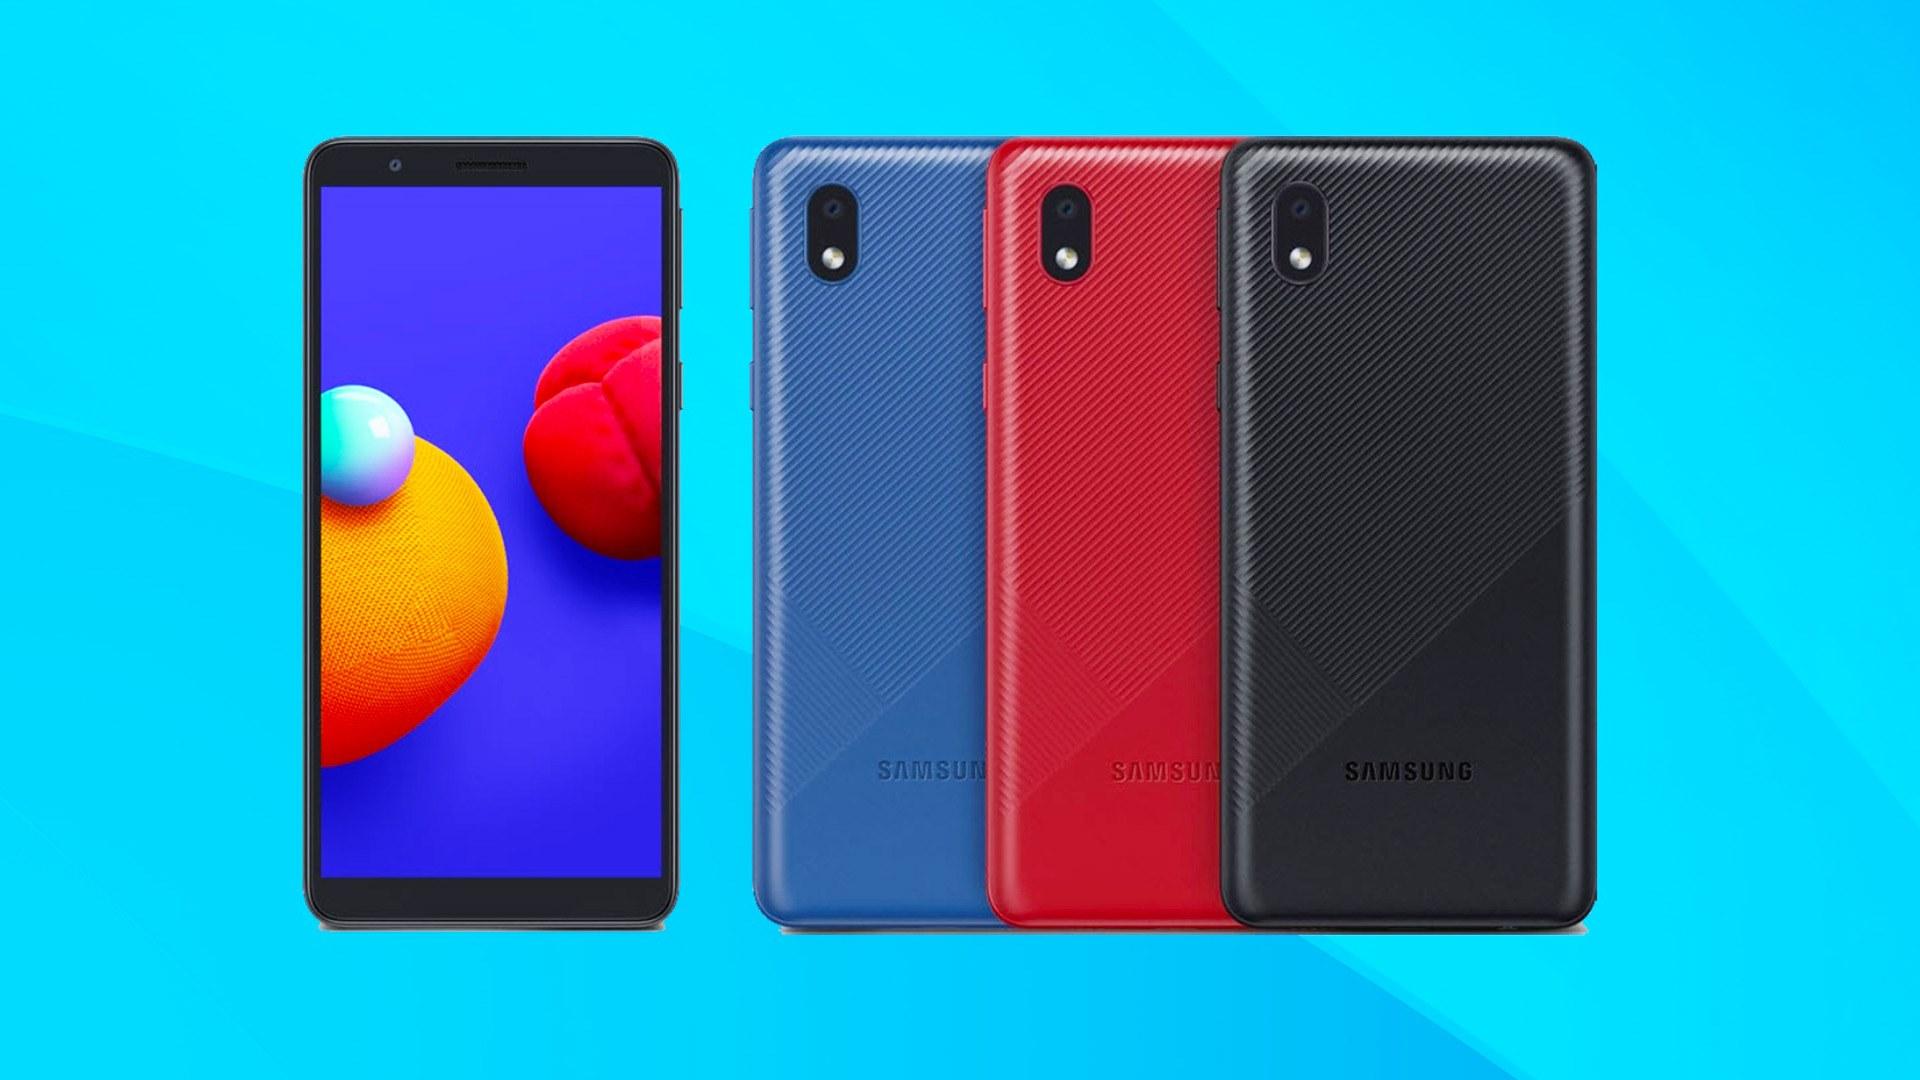 Samsung Galaxy A01 Core Sm A013f Mediatek Mt6739ww Gsm Unlocked Phone Smartphone 67 5x141 7x8 6 Mm Android Mediatek Mt6739 2 00 Gib Ram 32 0 Gb Rom 5 3 Inch 720x1480 Color Pls Tft Lcd Display Dual Standby